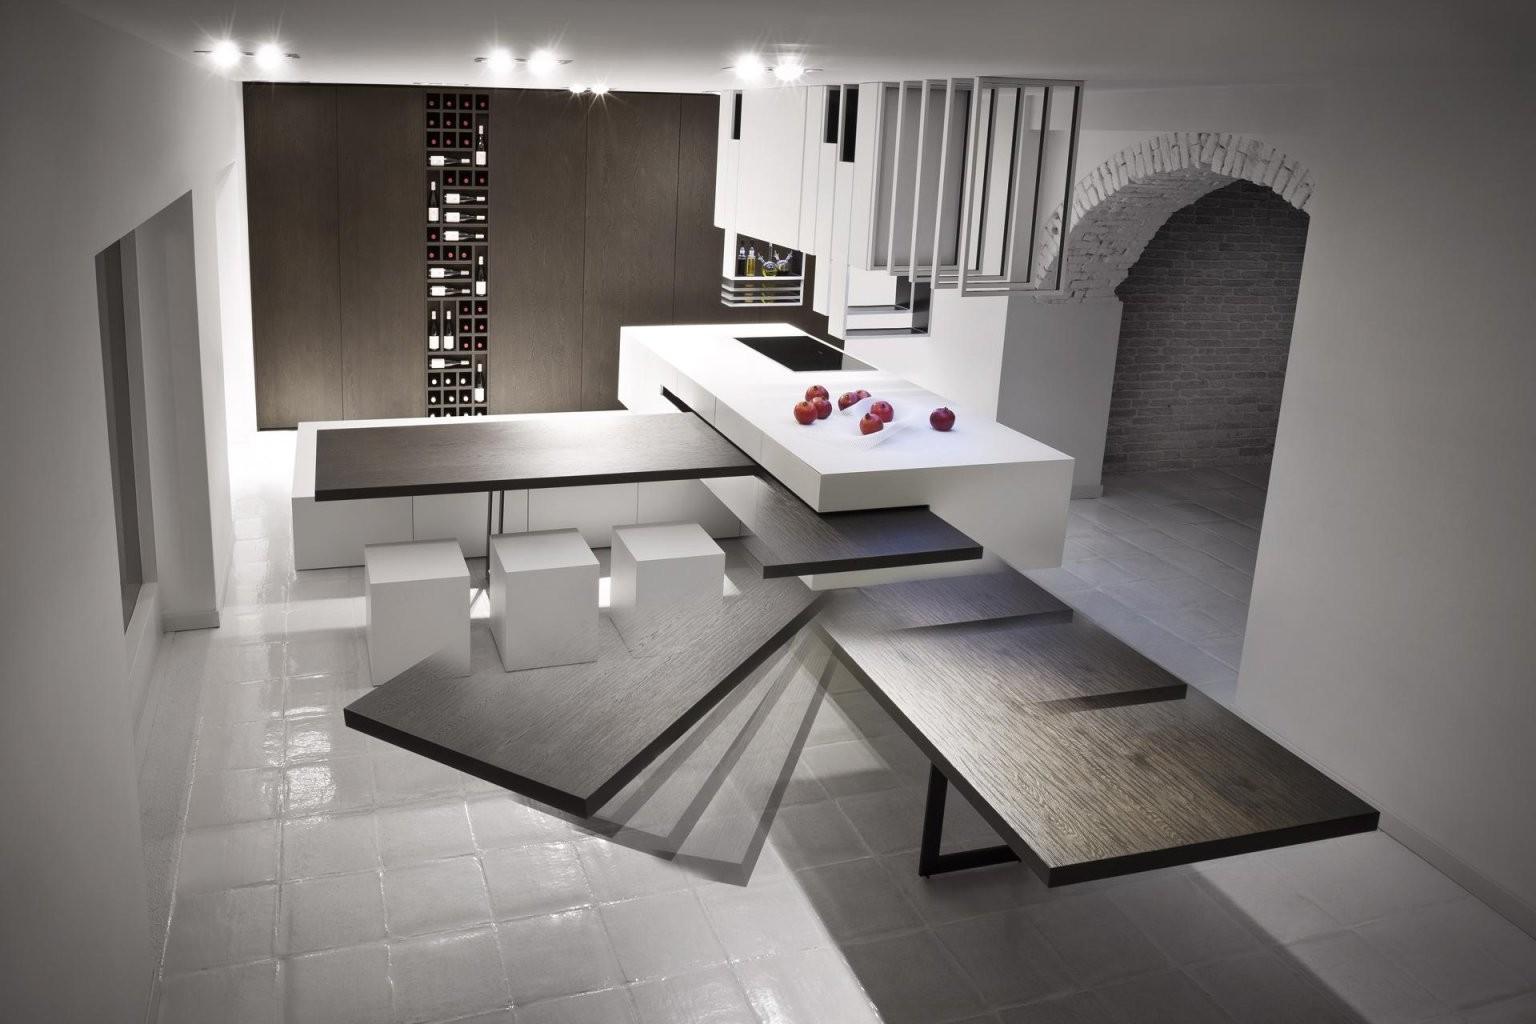 Eine Moderne Kochinsel Für Luxuriöse Küchen  Freshouse von Kochinsel Mit Integriertem Esstisch Bild